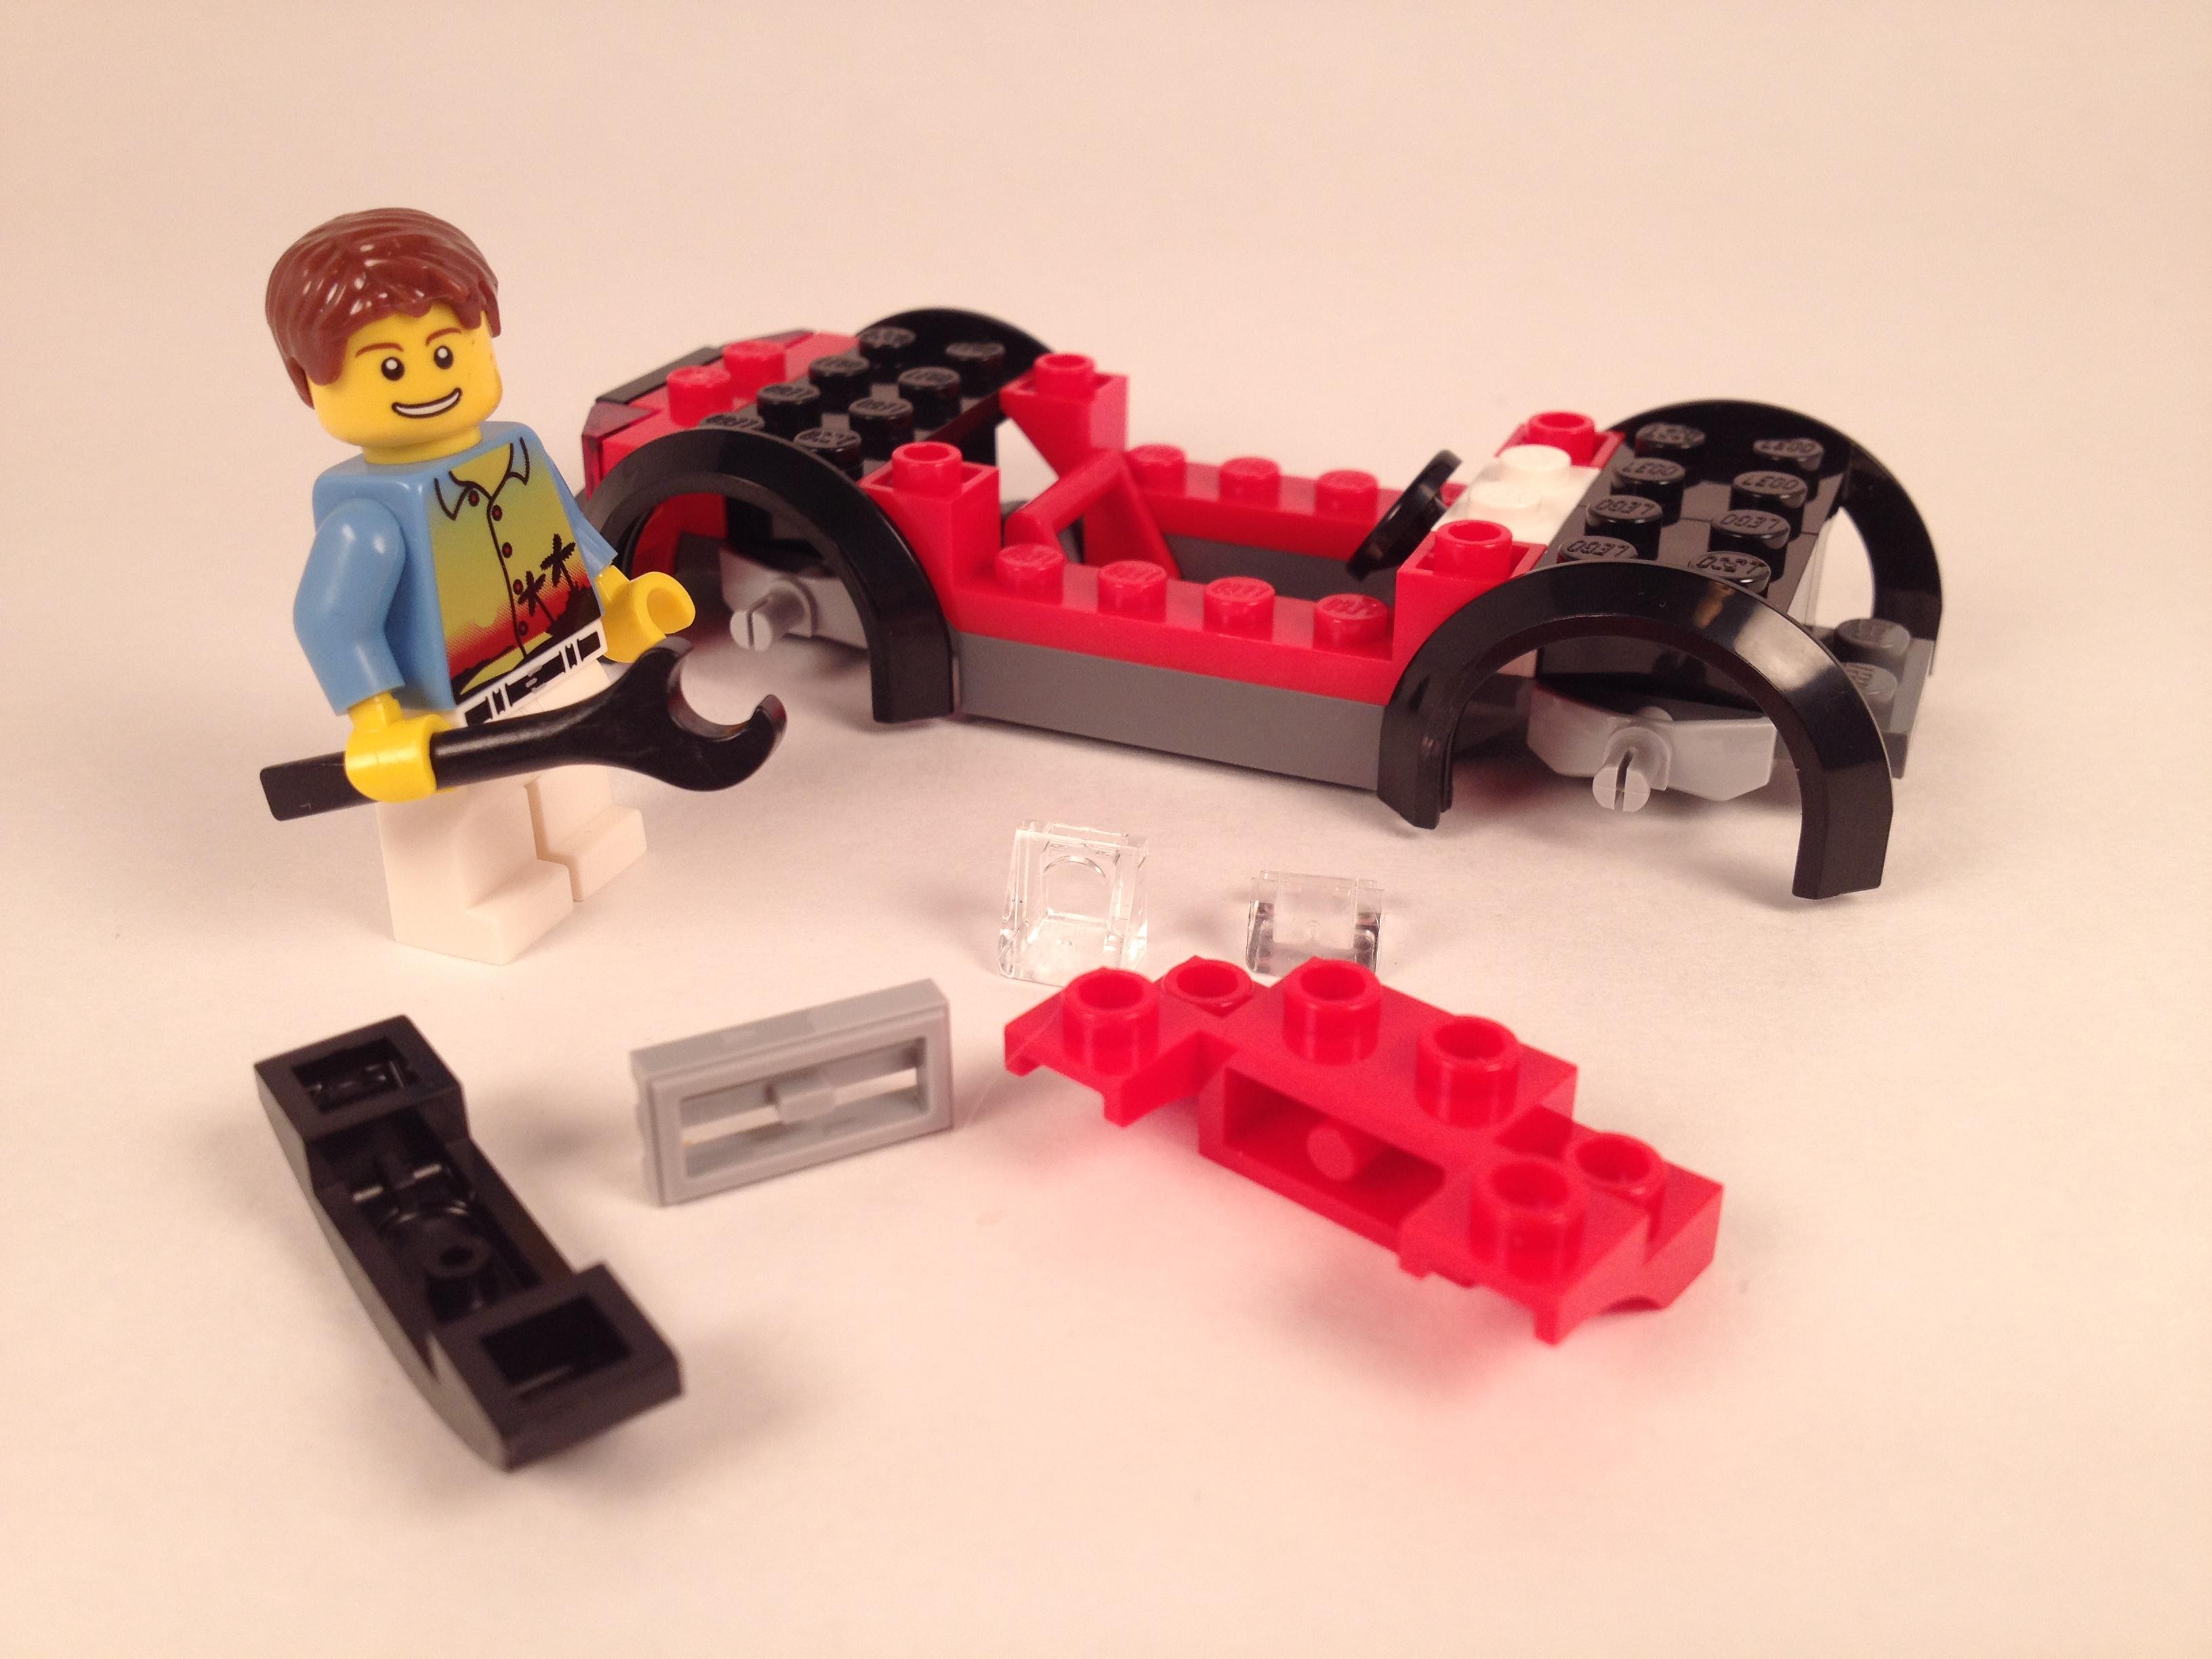 100 lego sports car review lego 75908 u2013 ferrari for Brick city motors reviews